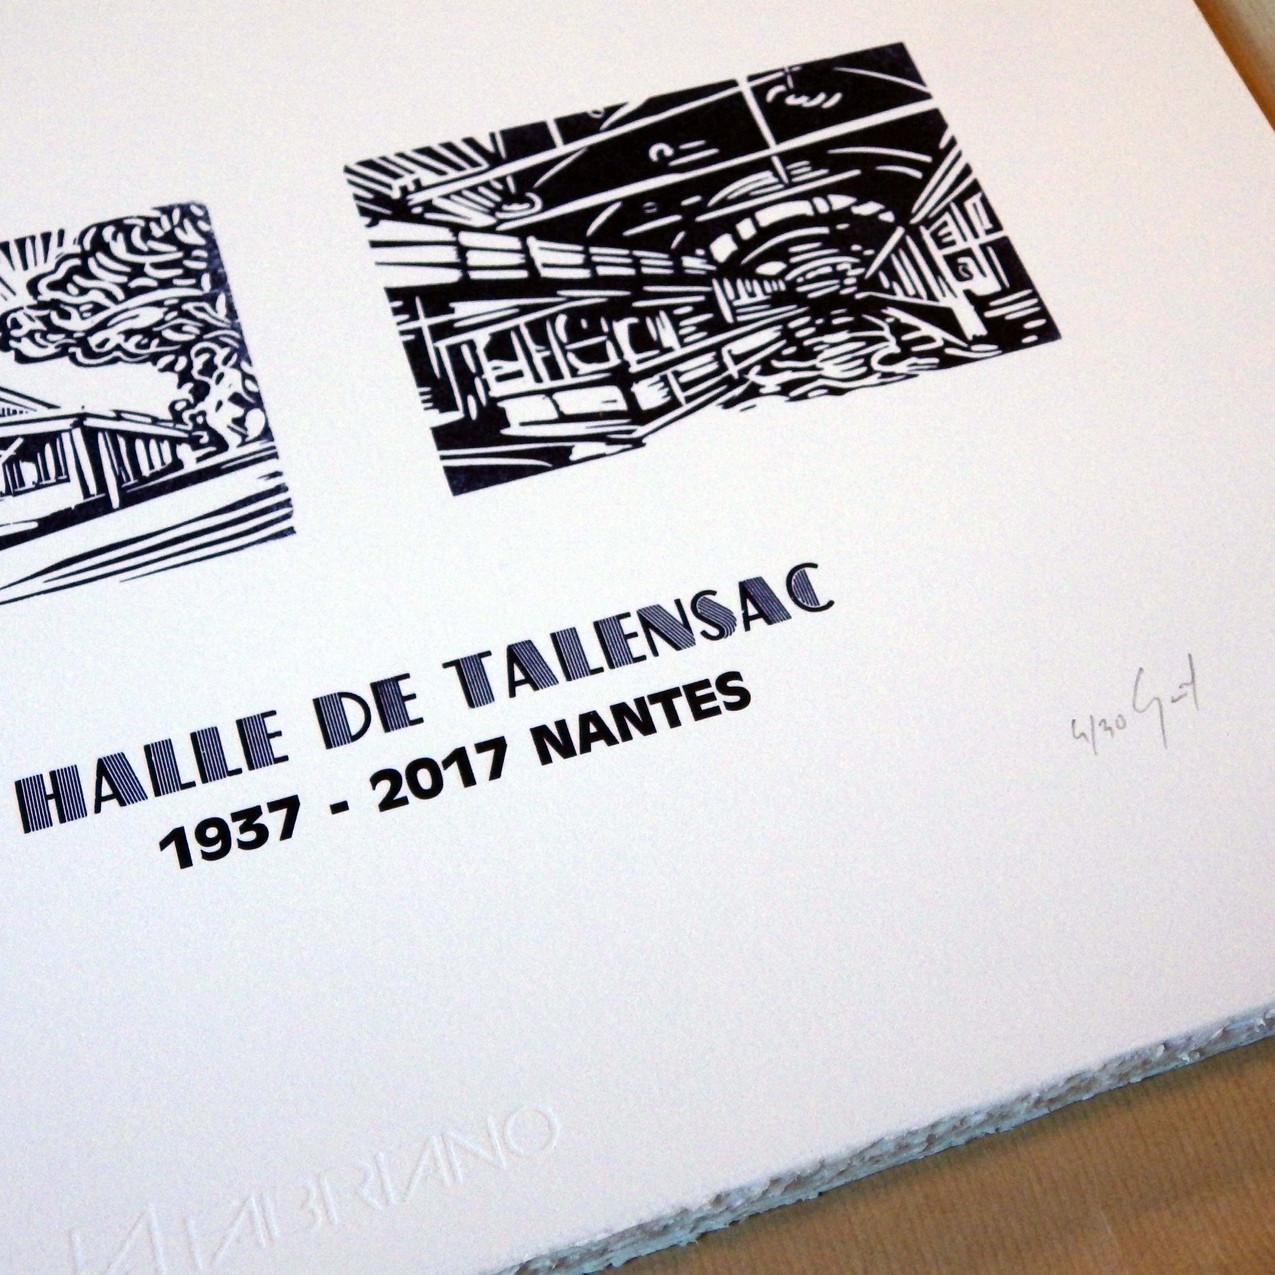 gravure_marché_de_talensac_1937-2017